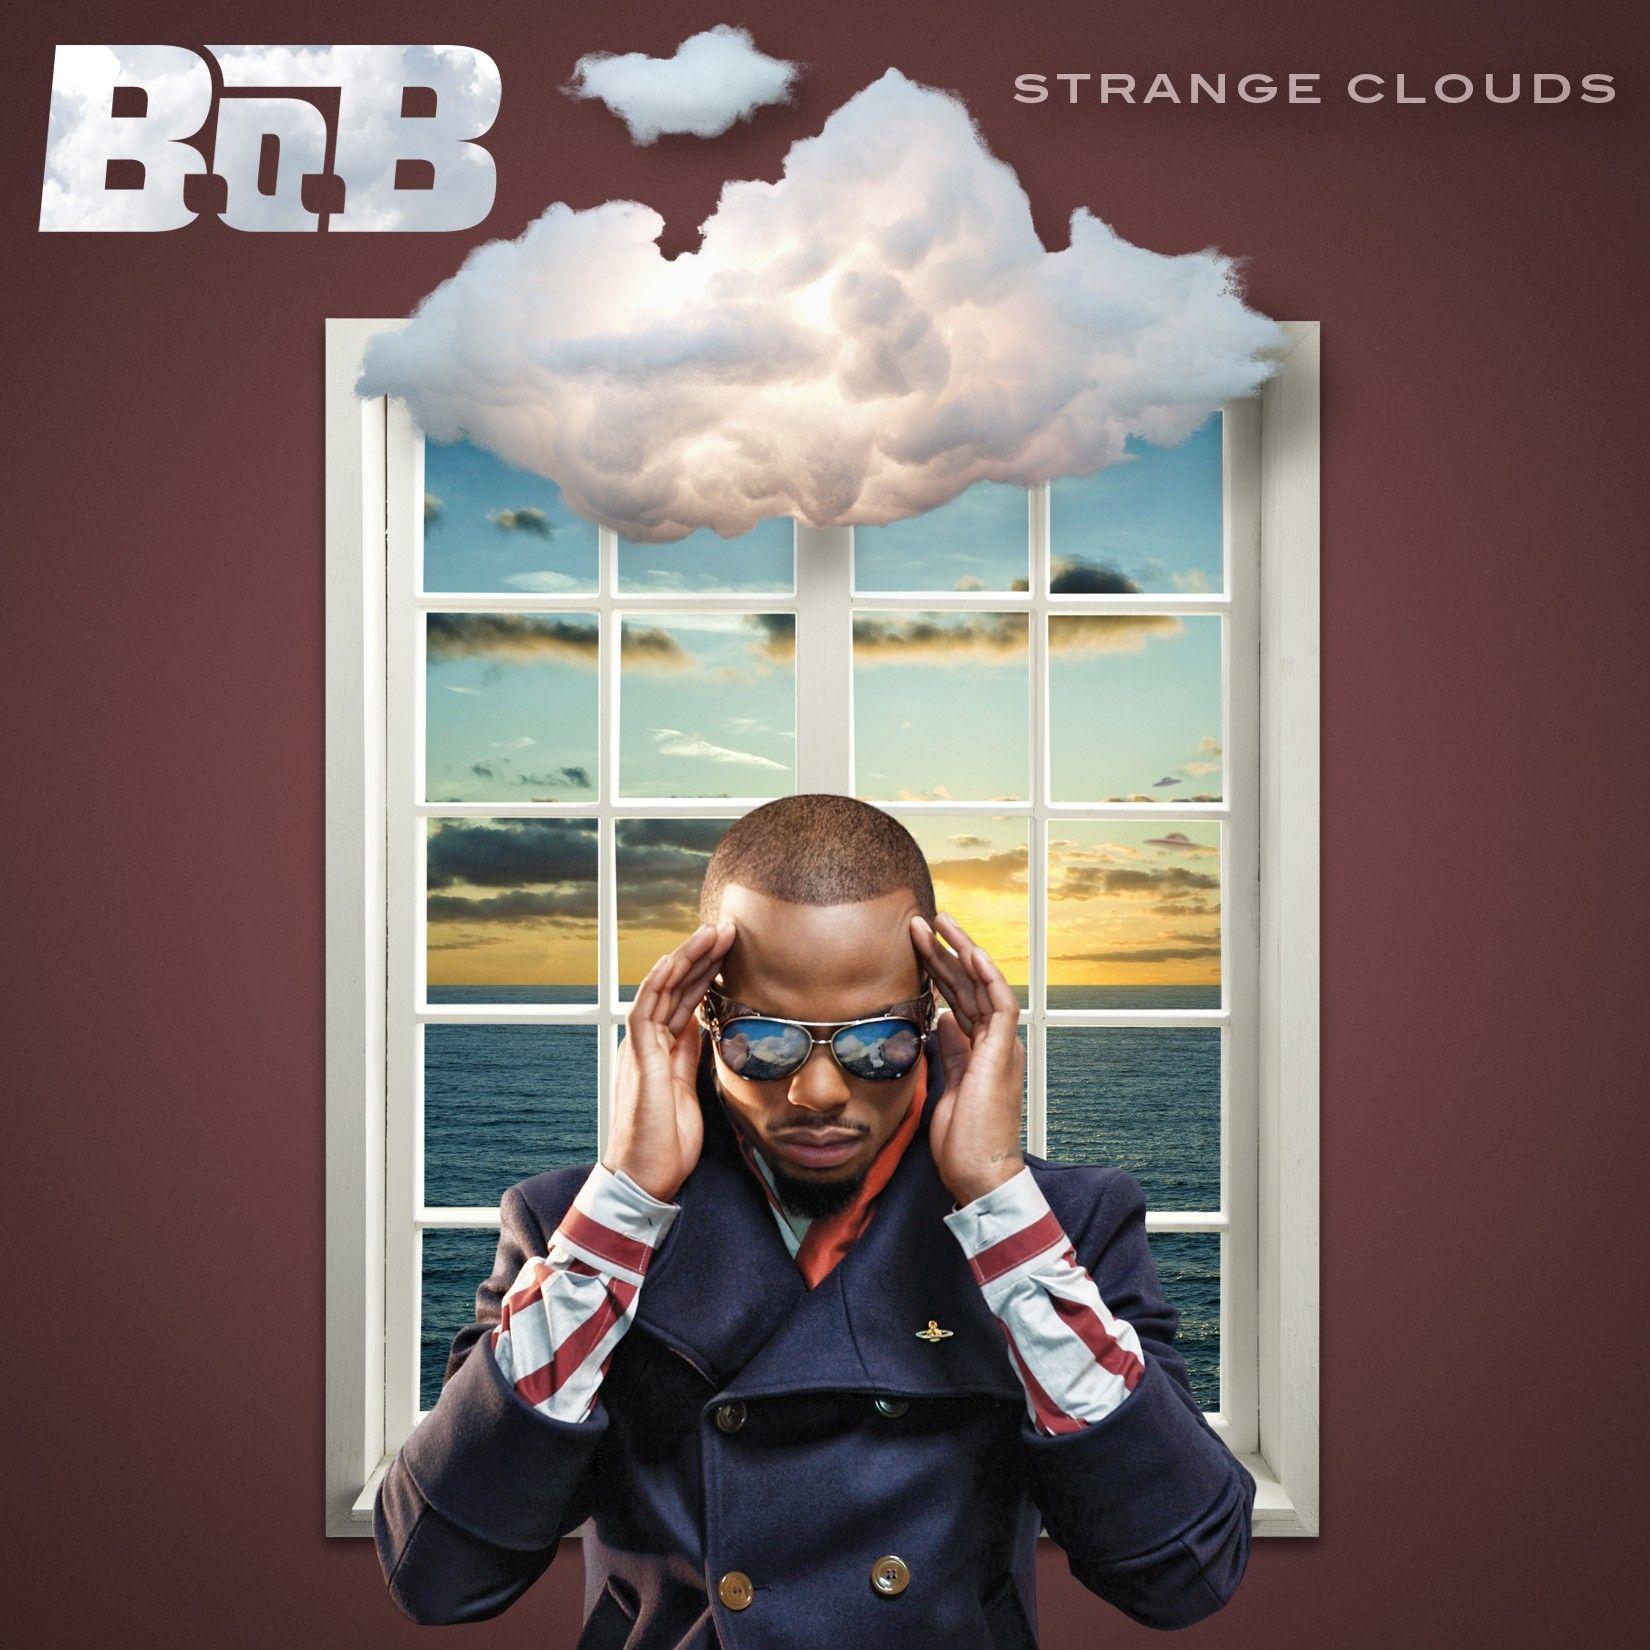 B.o.B - Strange Clouds album cover